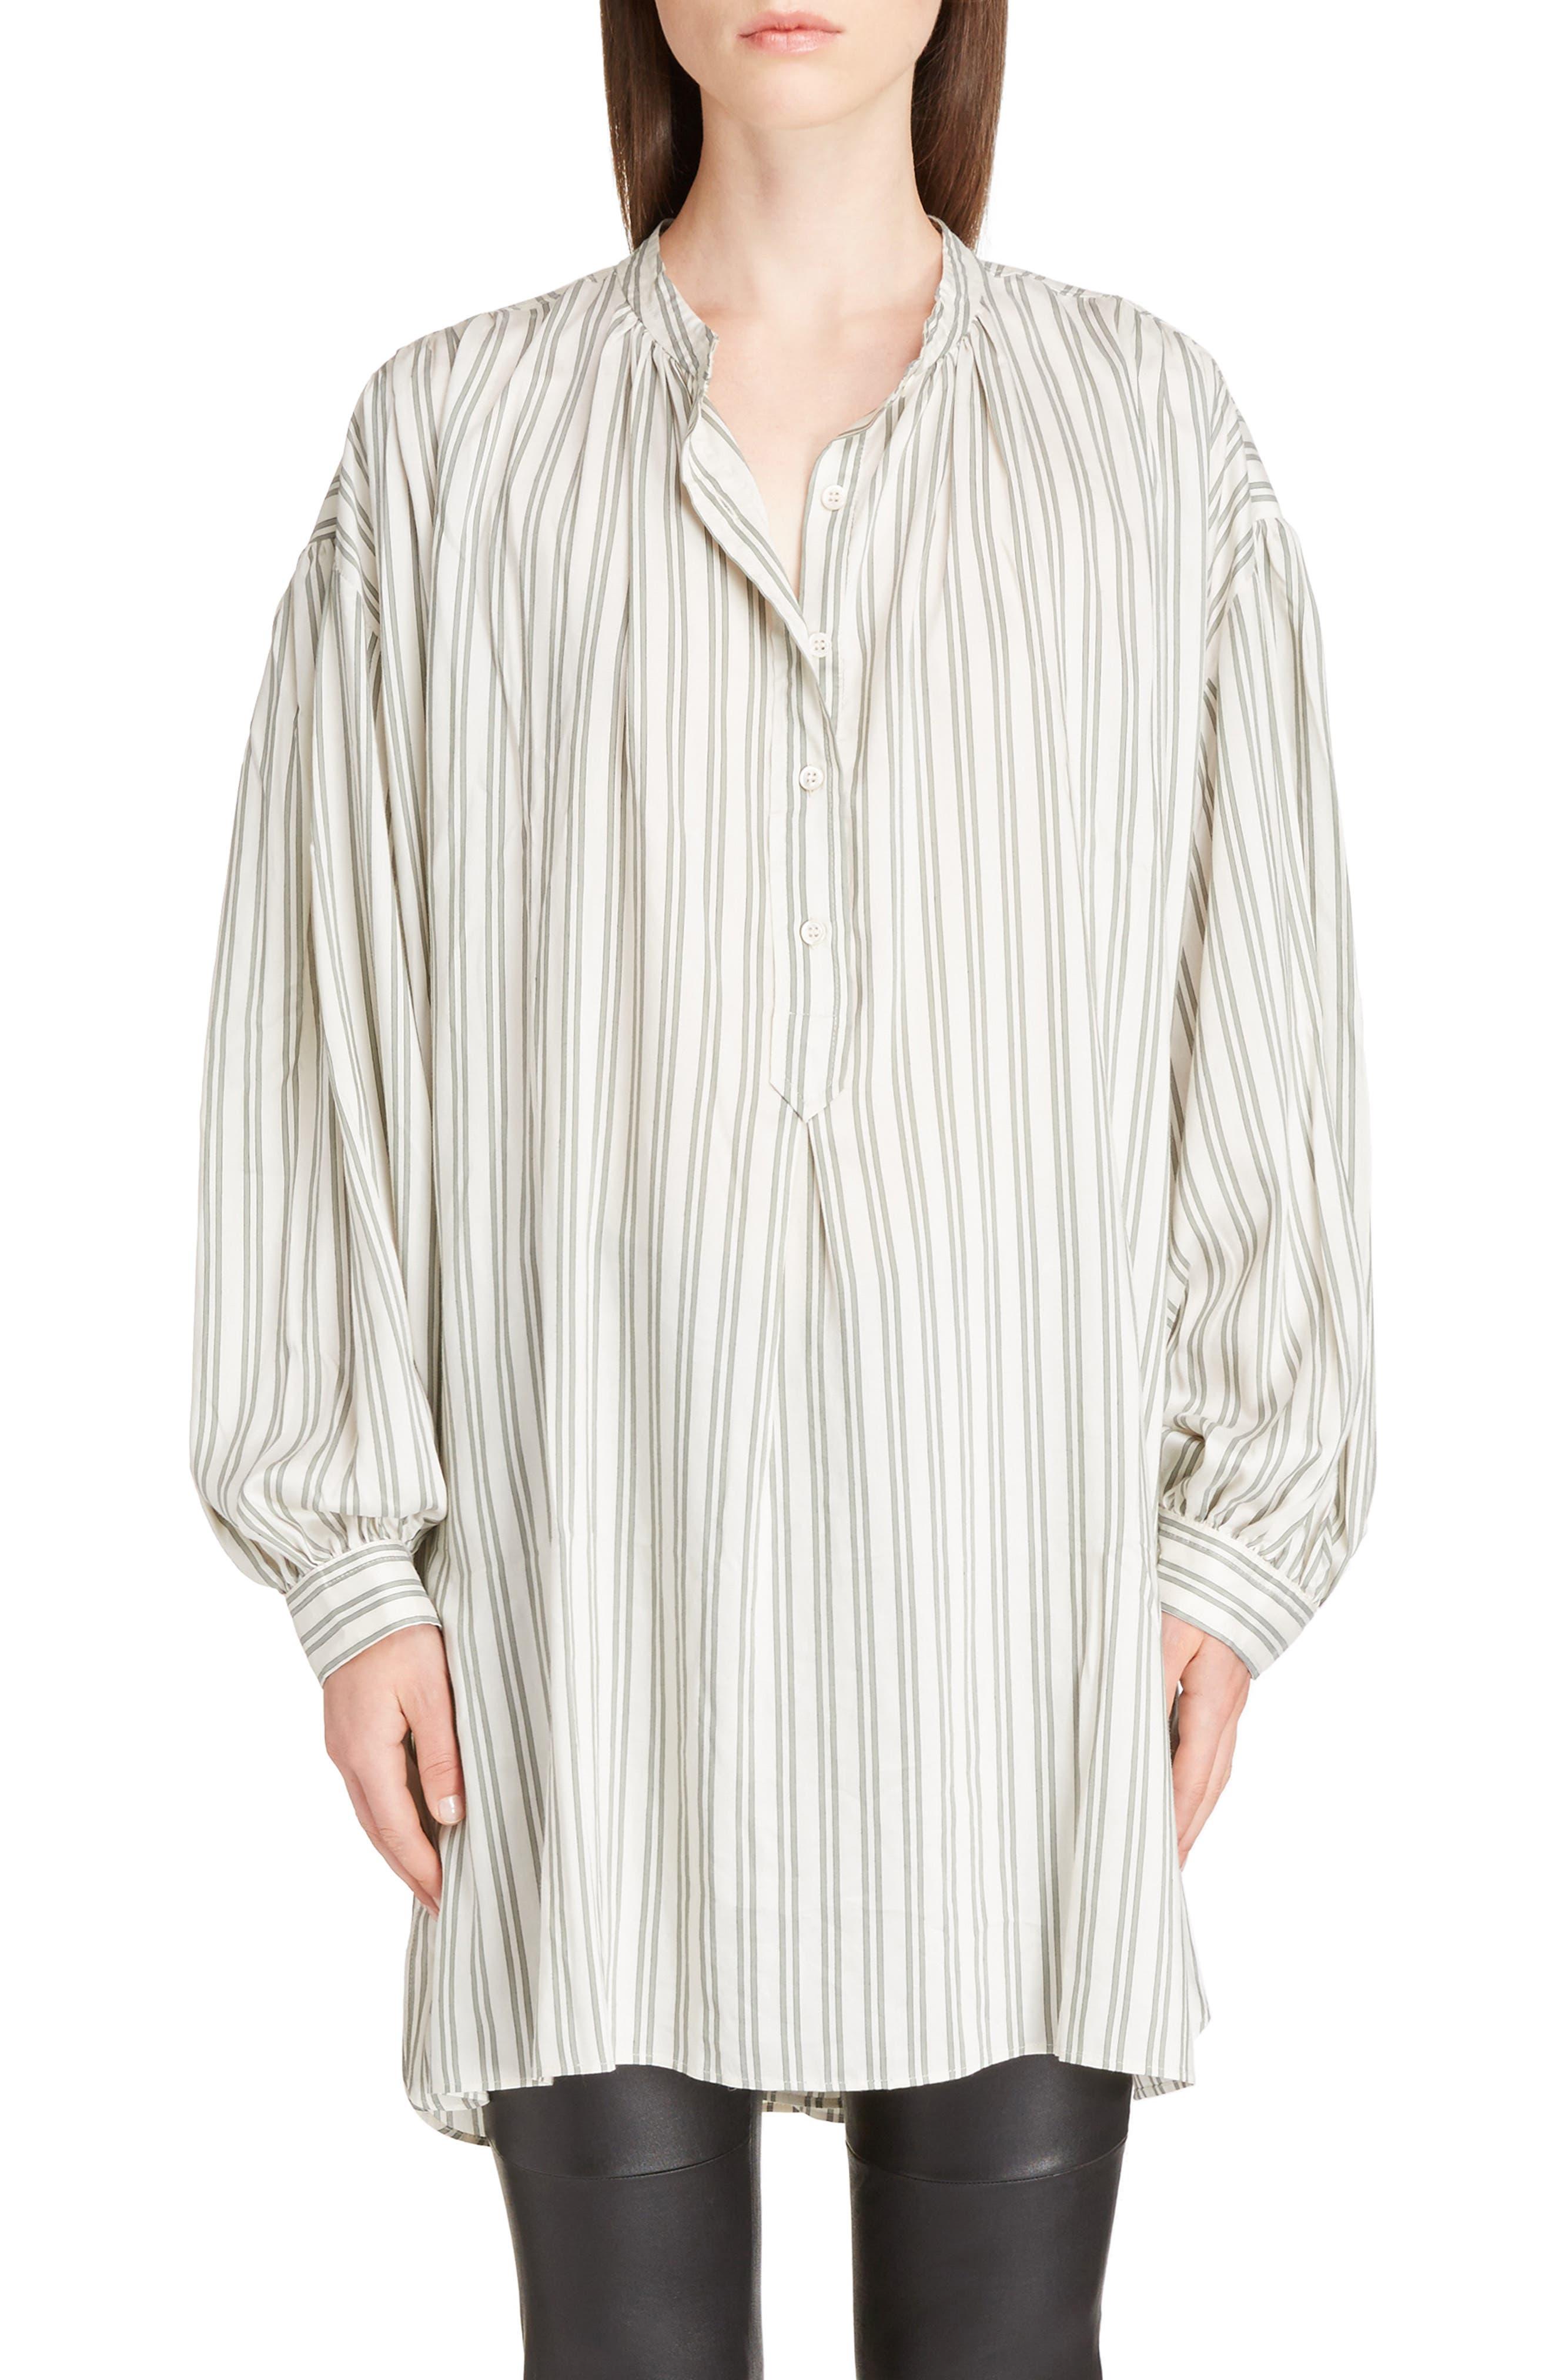 Alternate Image 1 Selected - Isabel Marant Idoa Stripe Tunic